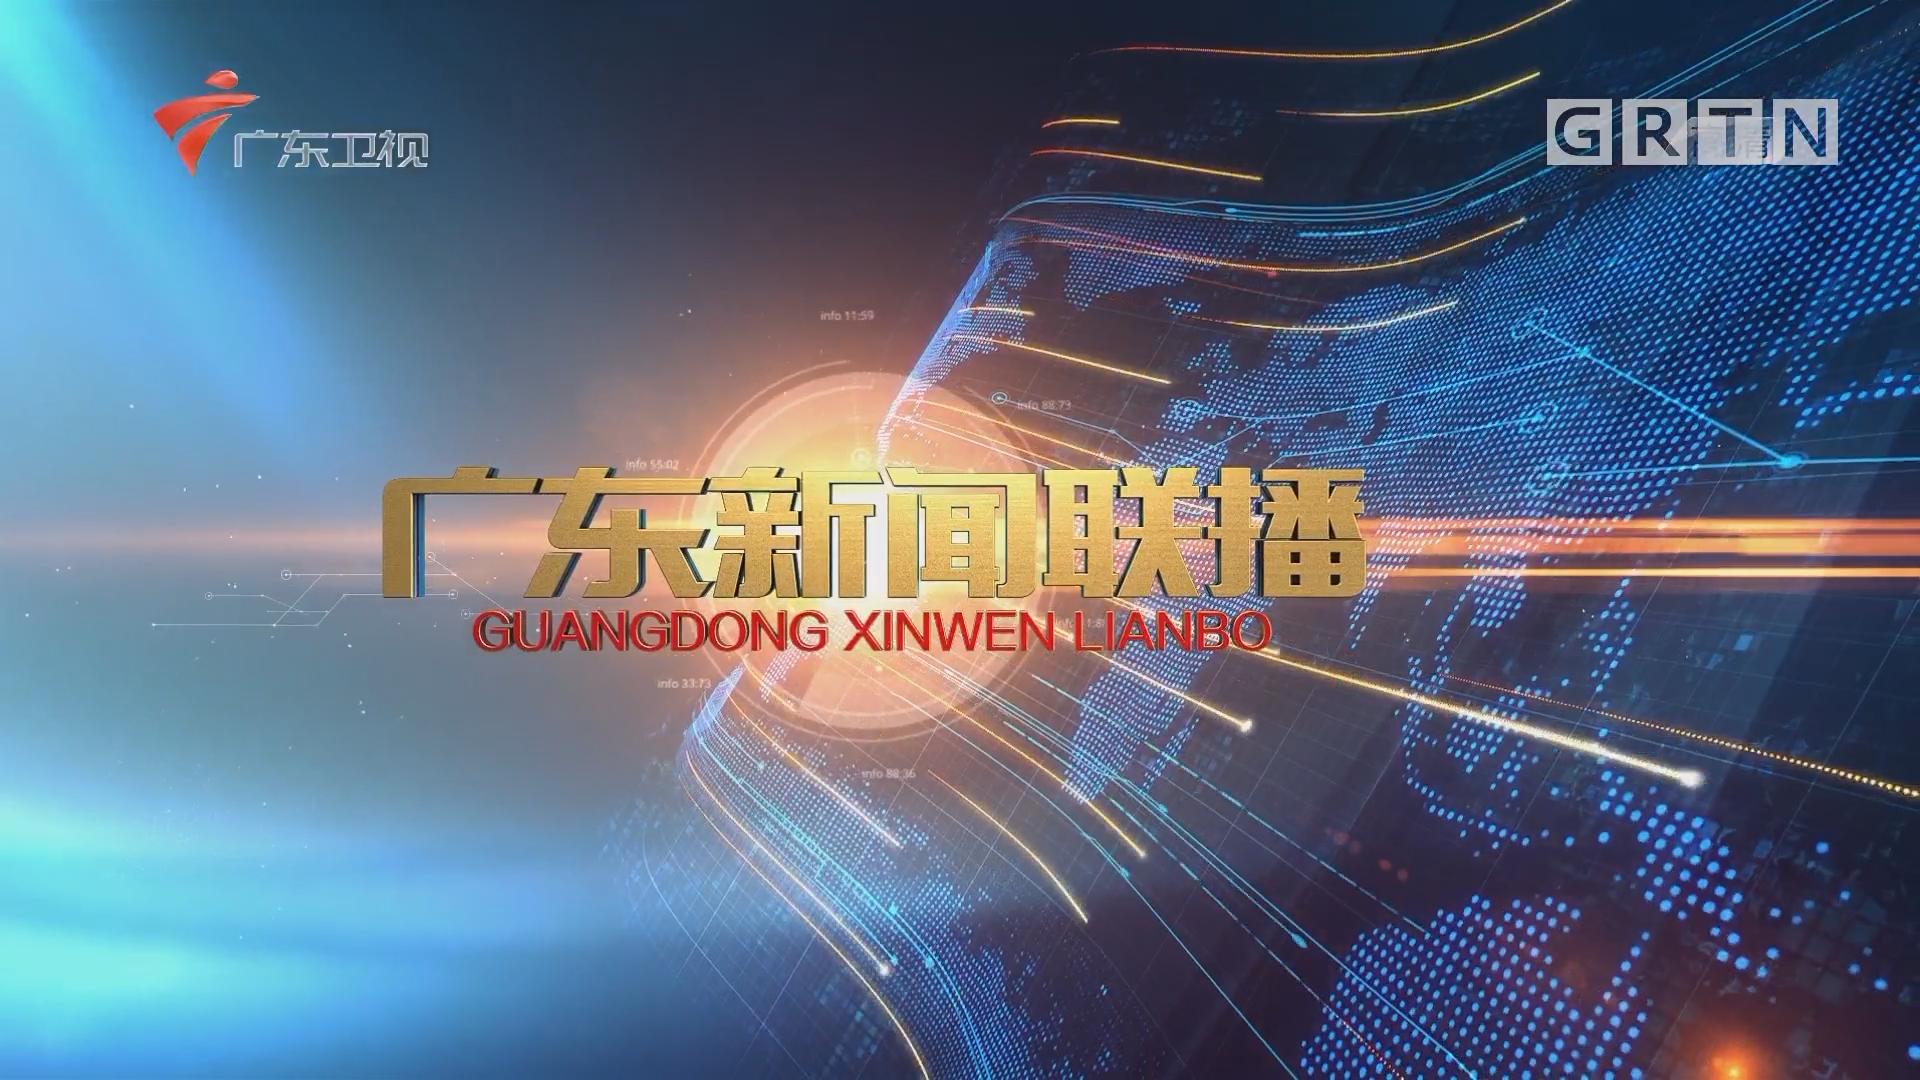 [HD][2018-05-25]广东新闻联播:李希马兴瑞会见德国总理默克尔